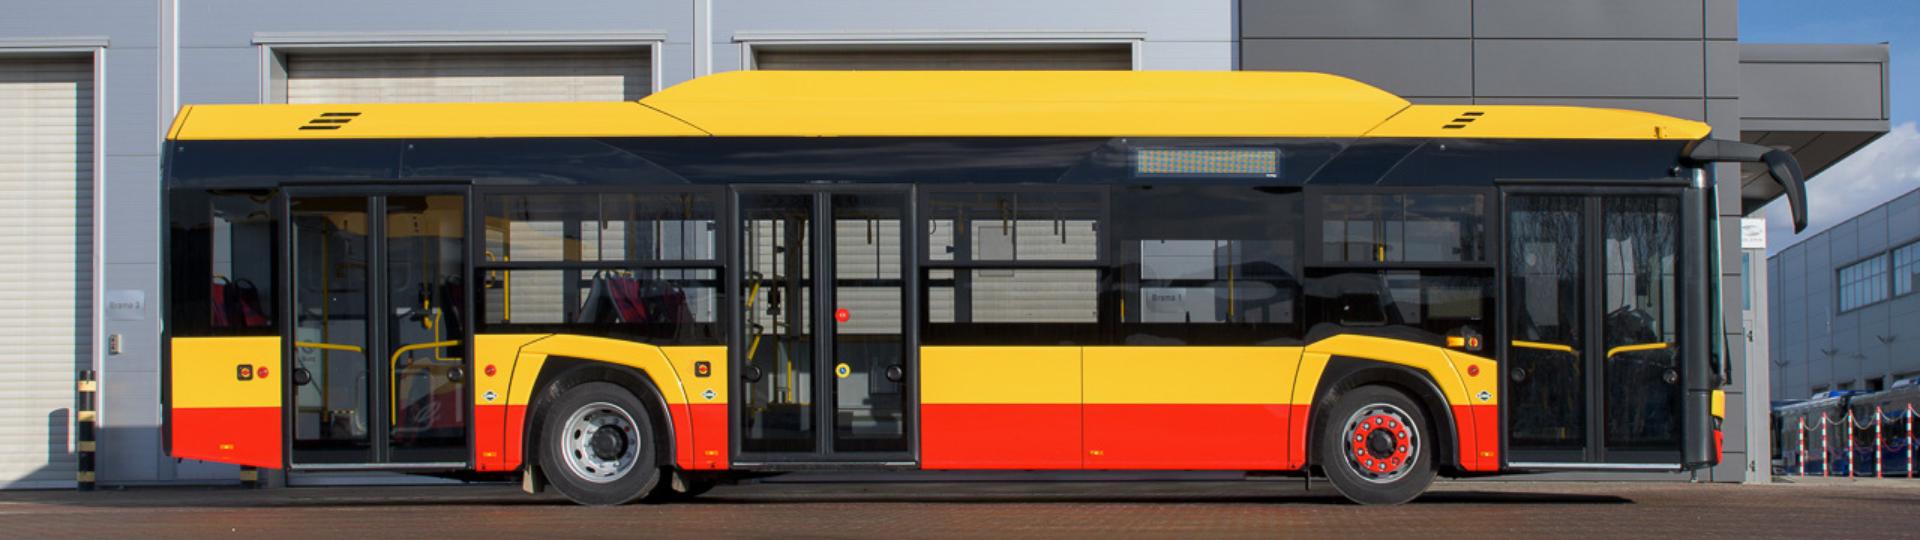 Madryt zamawia 250 autobusów marki Solaris!